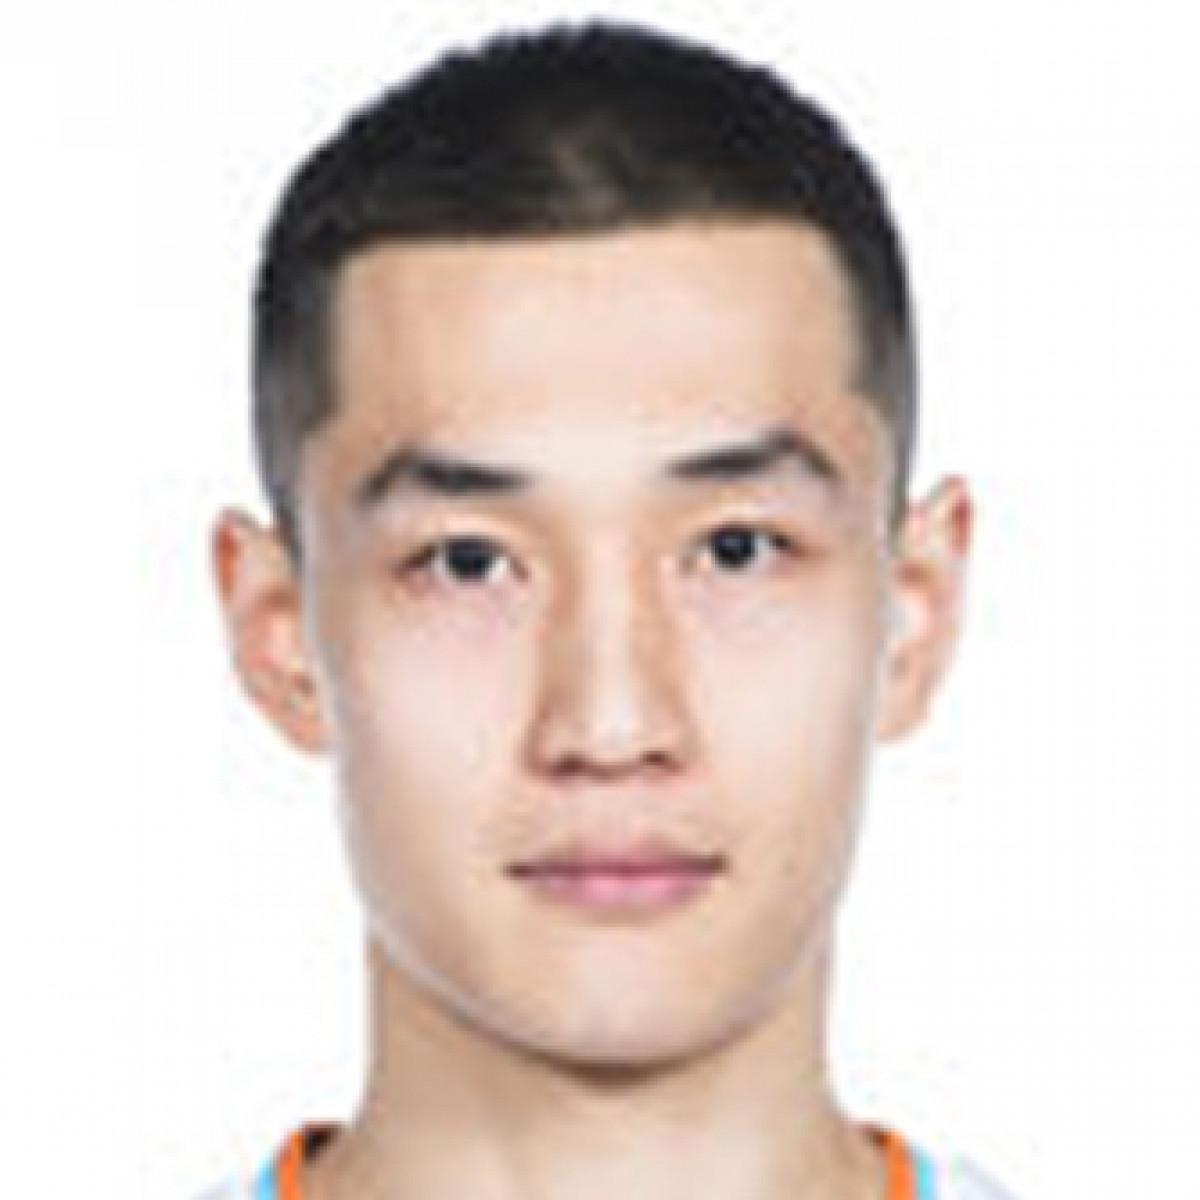 Lipeng Liu